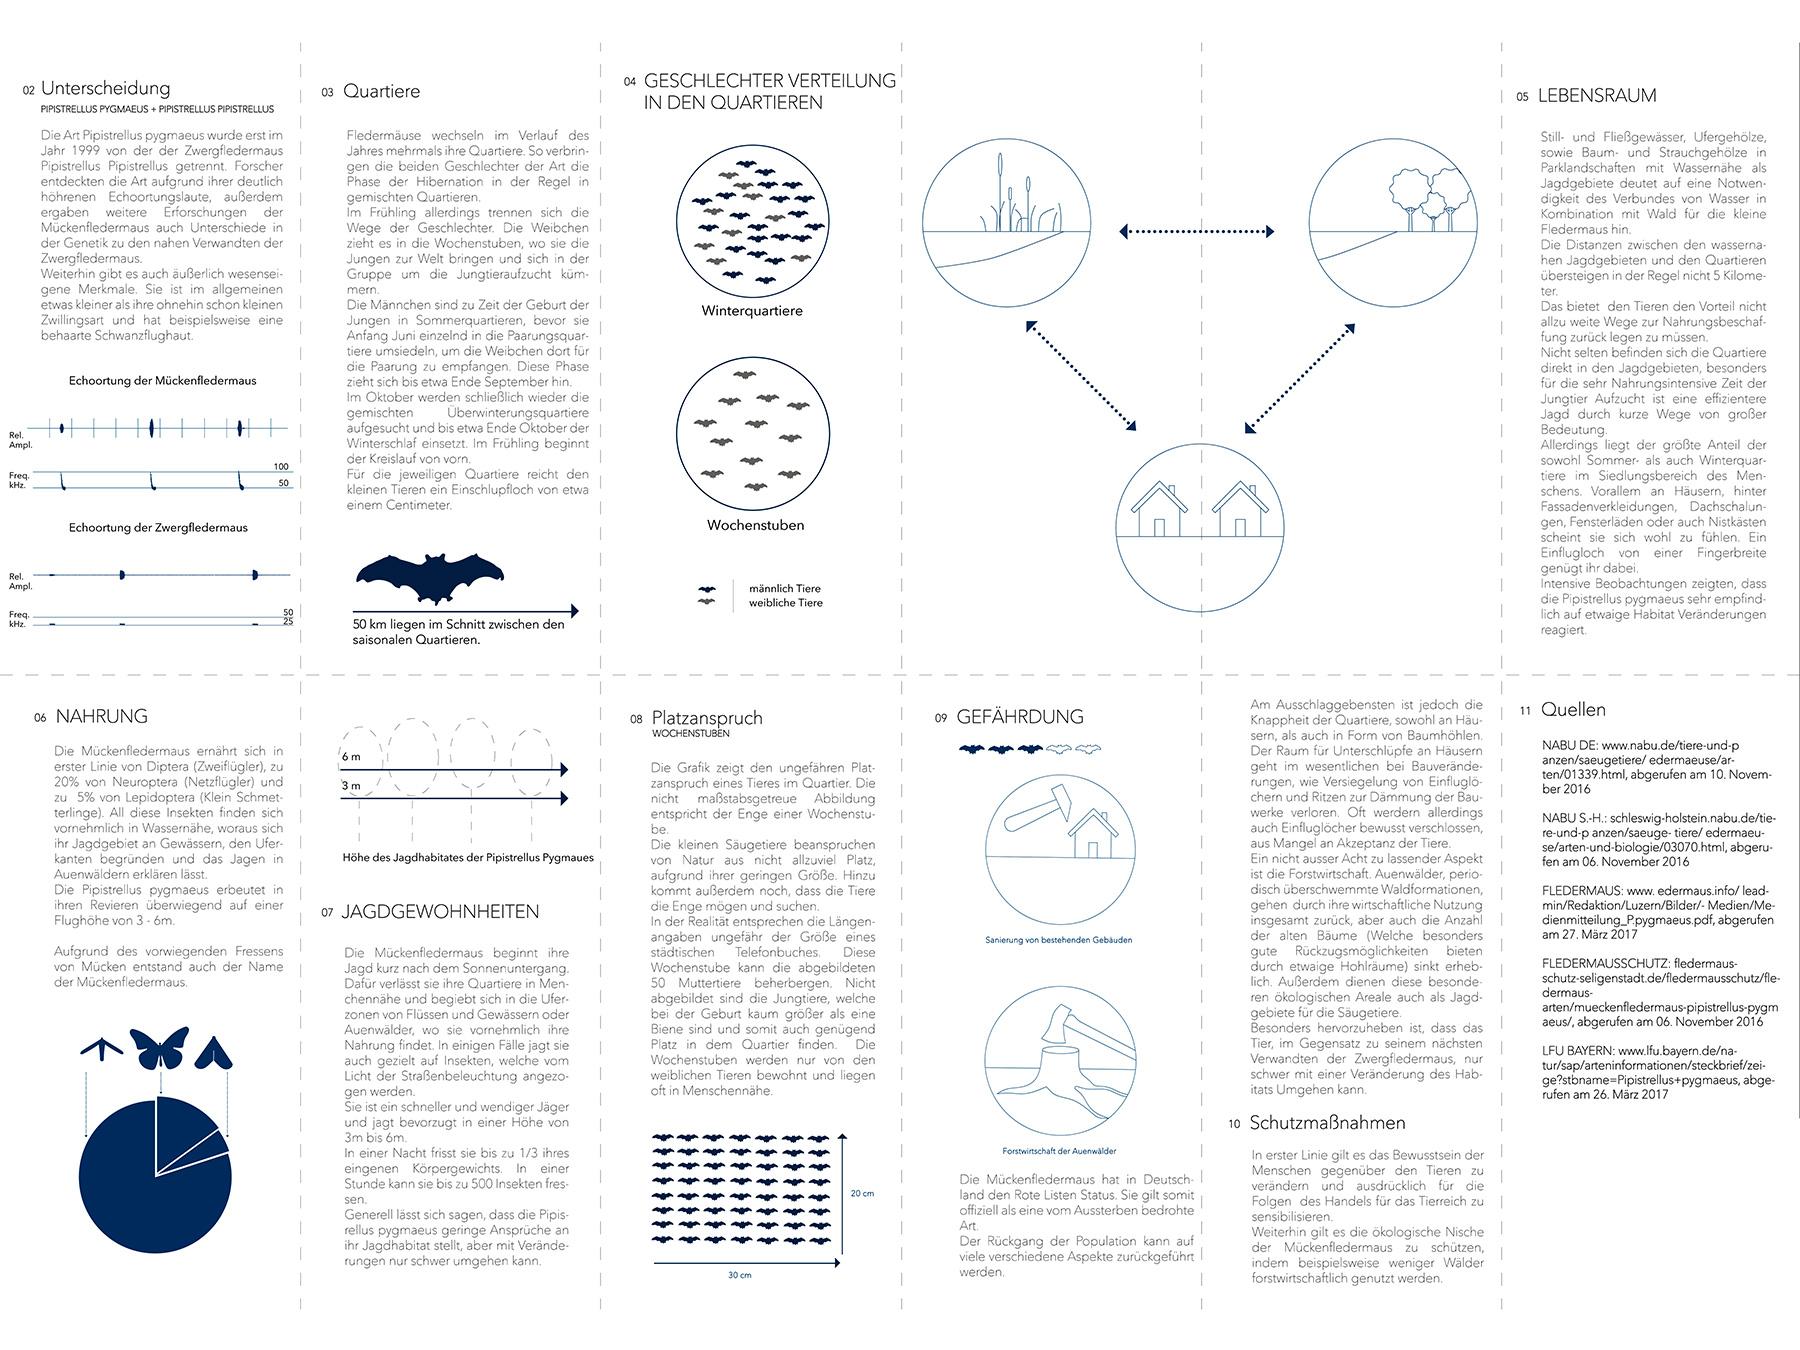 Analysen Animal Facade I Mückenfledermaus Pipistrellus pygmaeus I Zeichnung Christin Bolling - 02